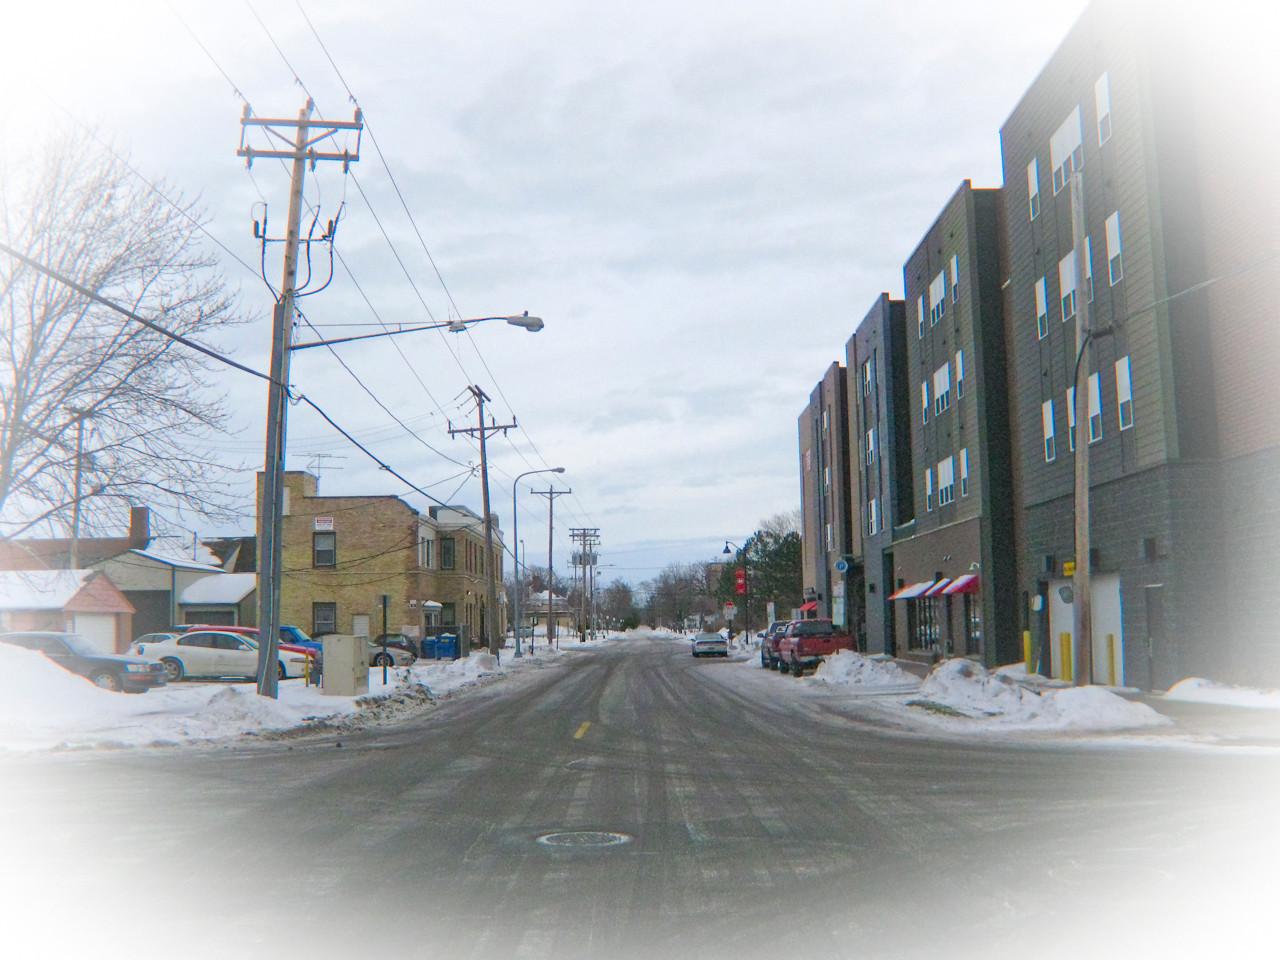 Students' Neighbourhood